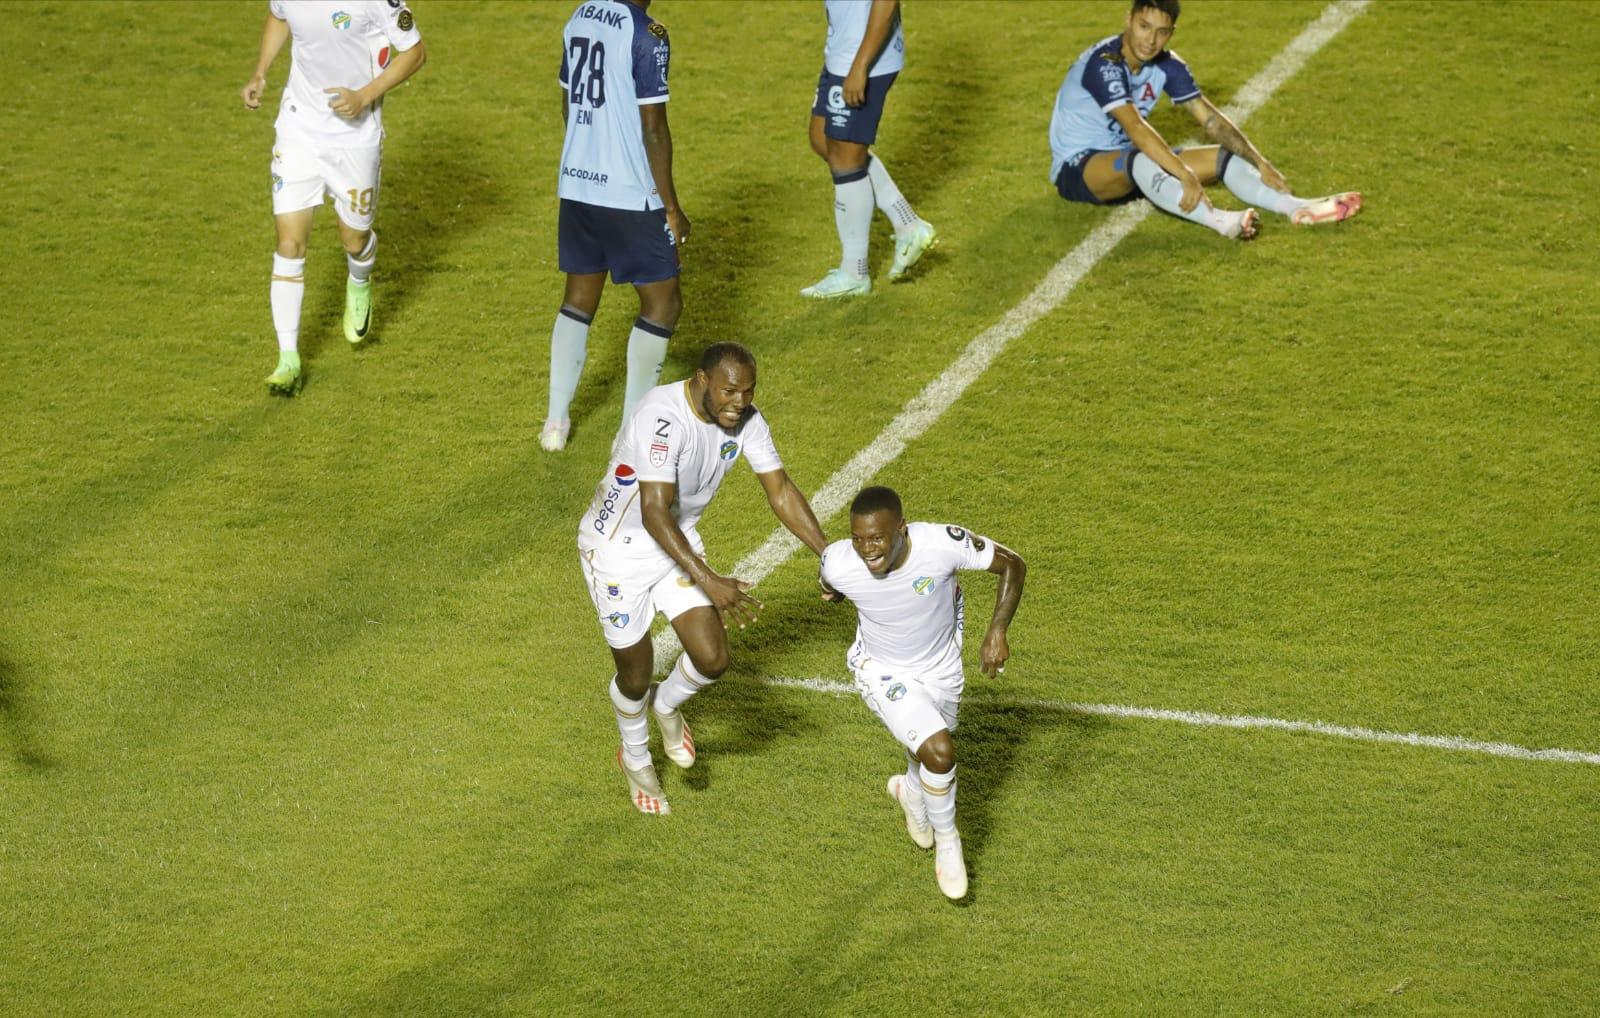 Lacayo salva la victoria de Comunicaciones sobre Alianza en la ida de los octavos de final de la Liga Concacaf - Prensa Libre